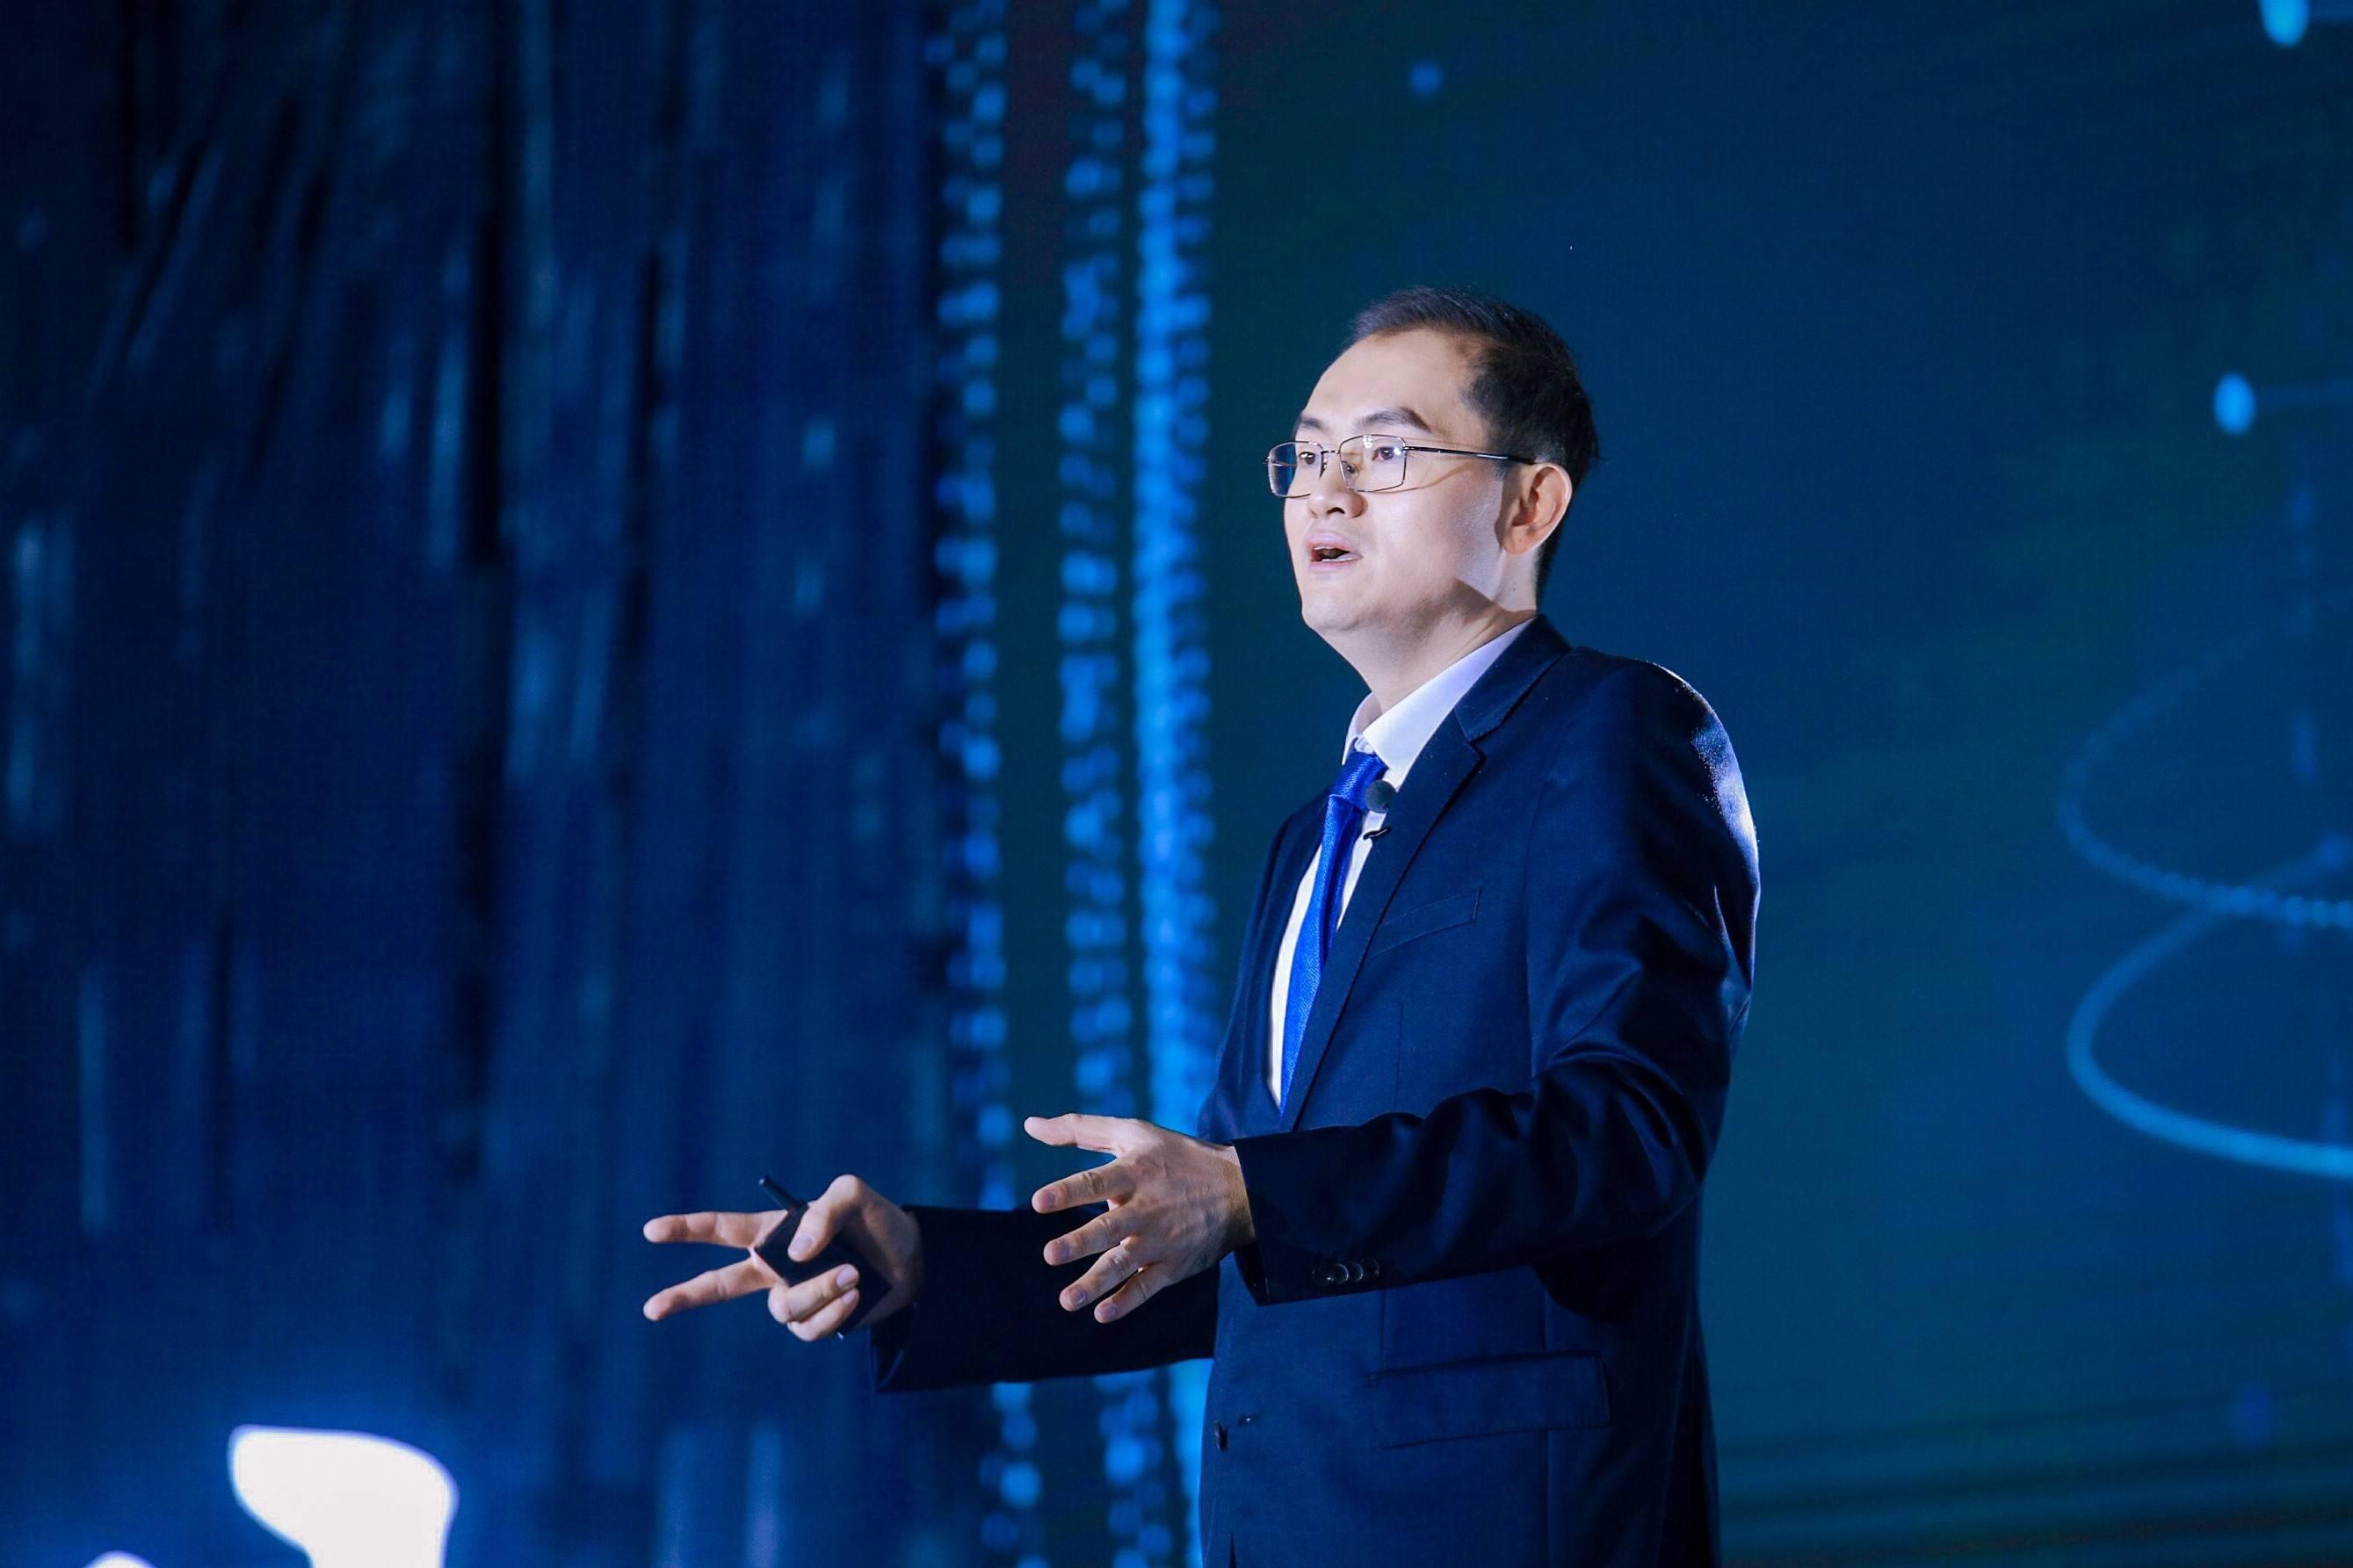 中国通信工业协会区块链专委会轮值主席于佳宁:基于区块链的数字资产将会被更多人接受